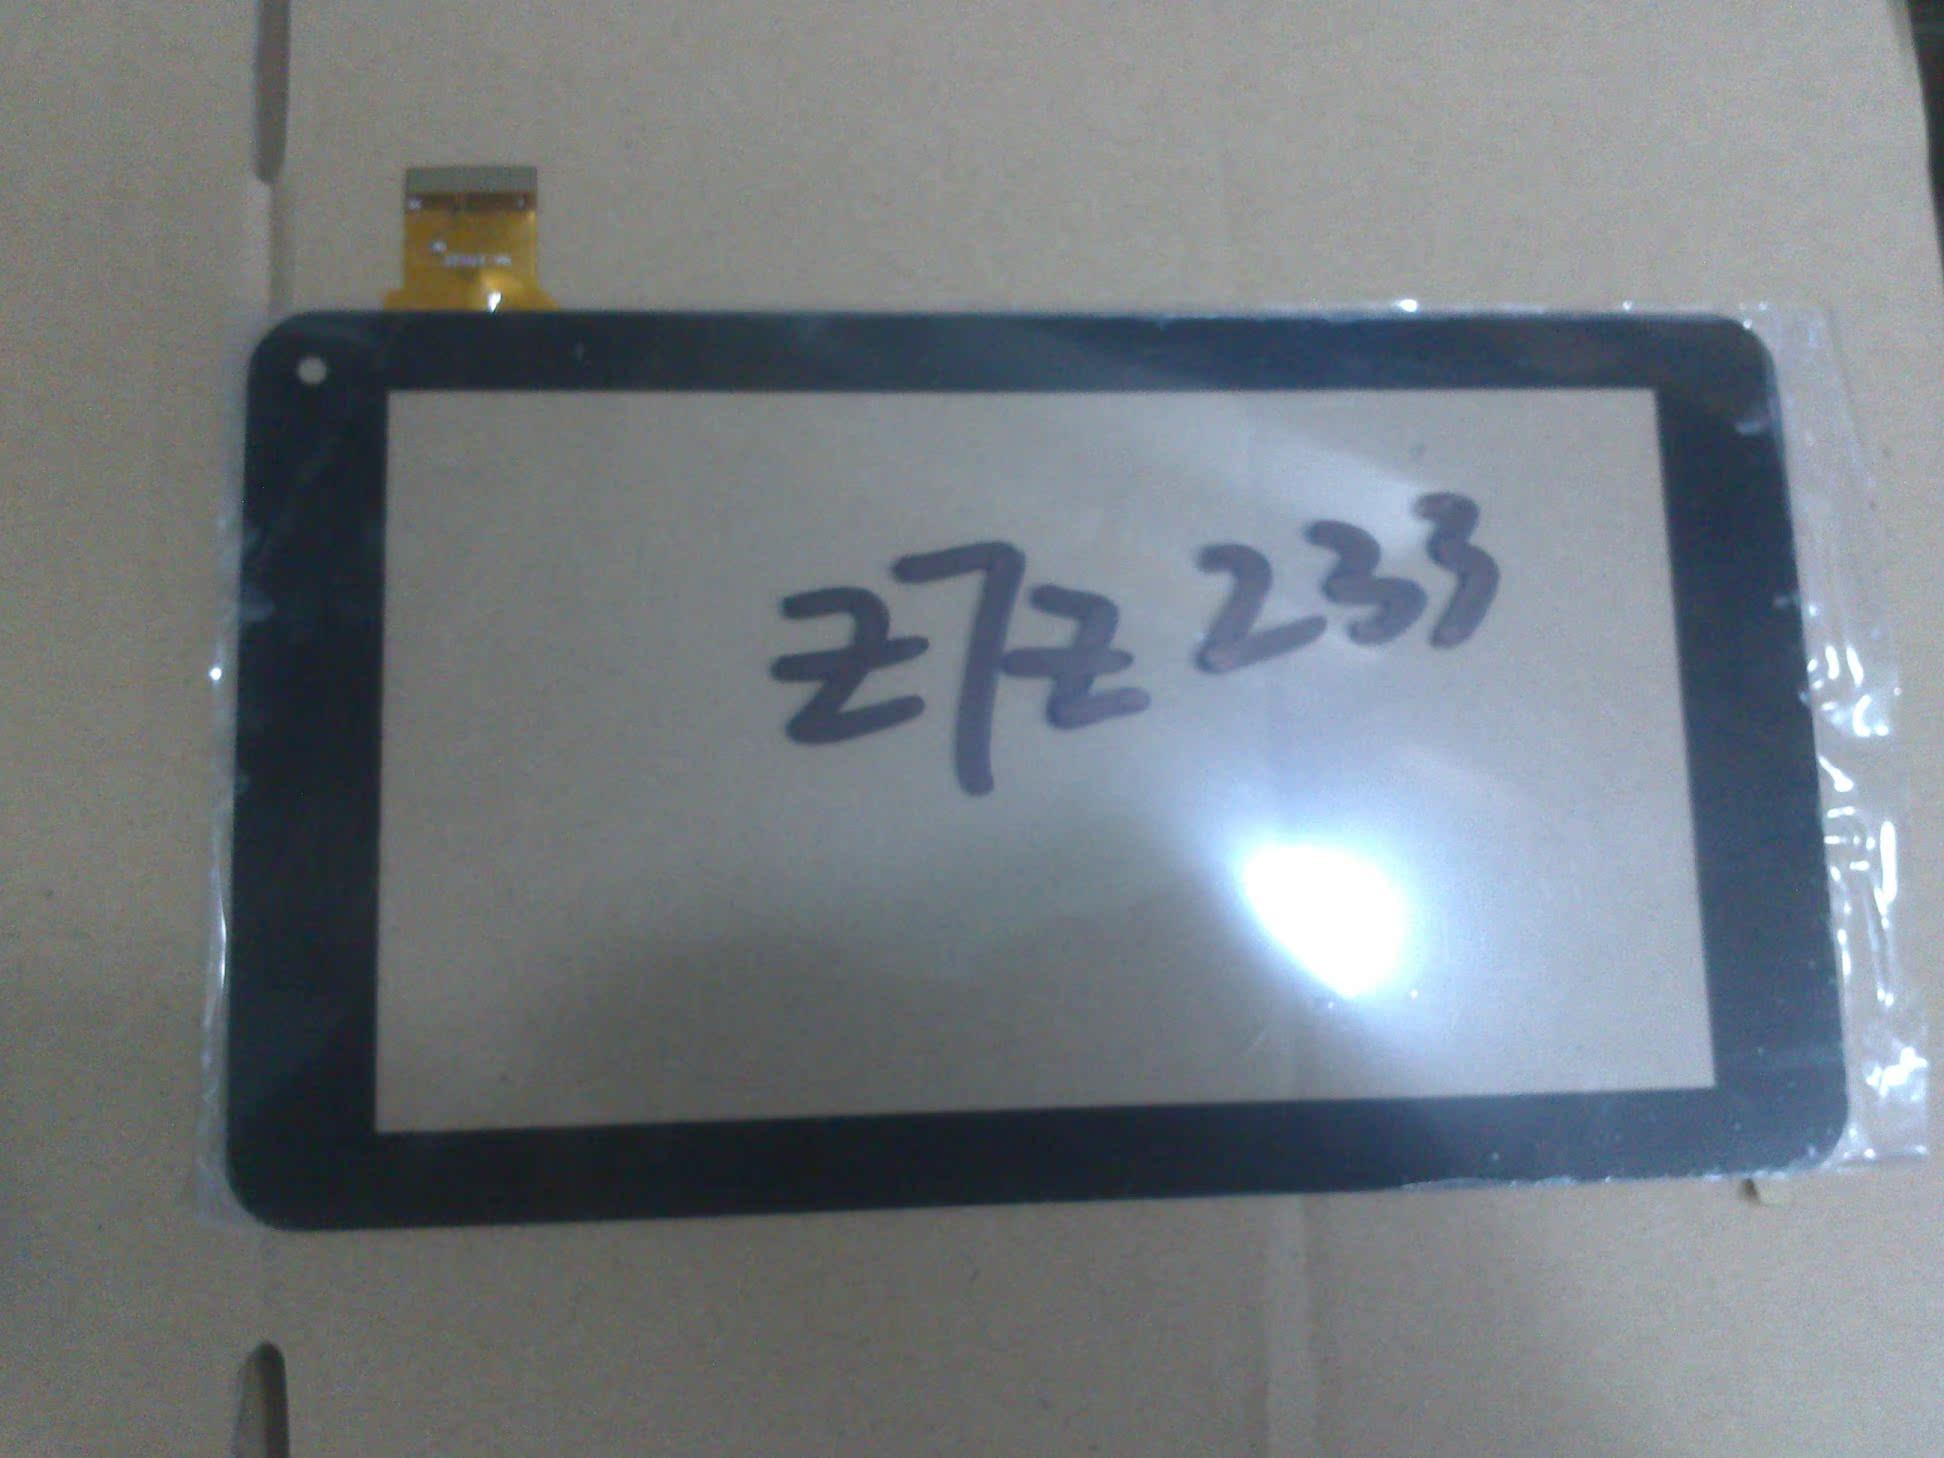 Рукописного ввода Tablet сенсорный экран экран экран емкостный экран номер: MA-Z7Z233